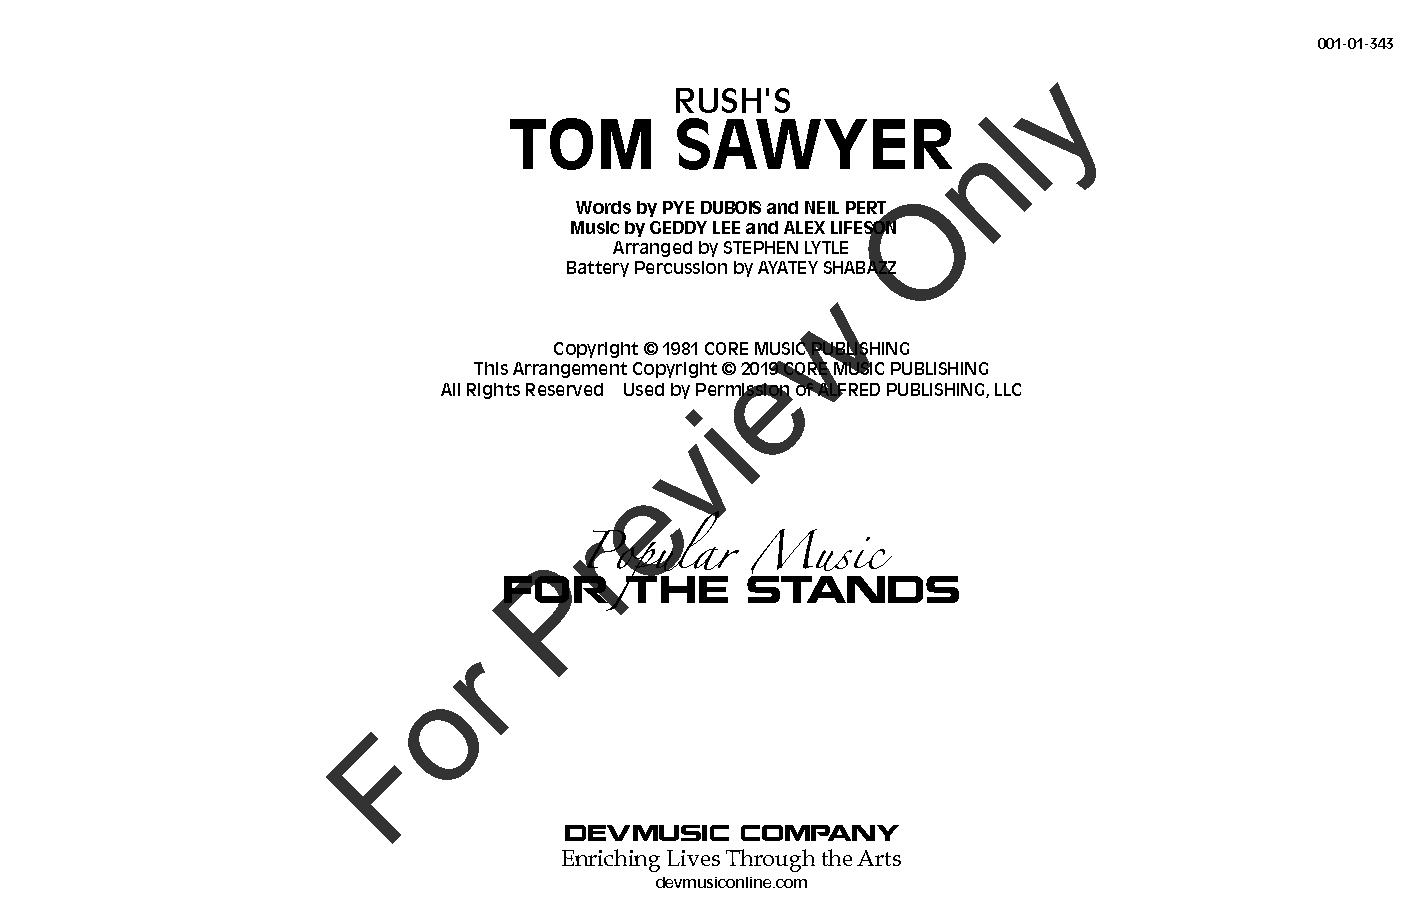 Tom Sawyer arr. Stephen Lytle & Ayatey Shabazz| J.W